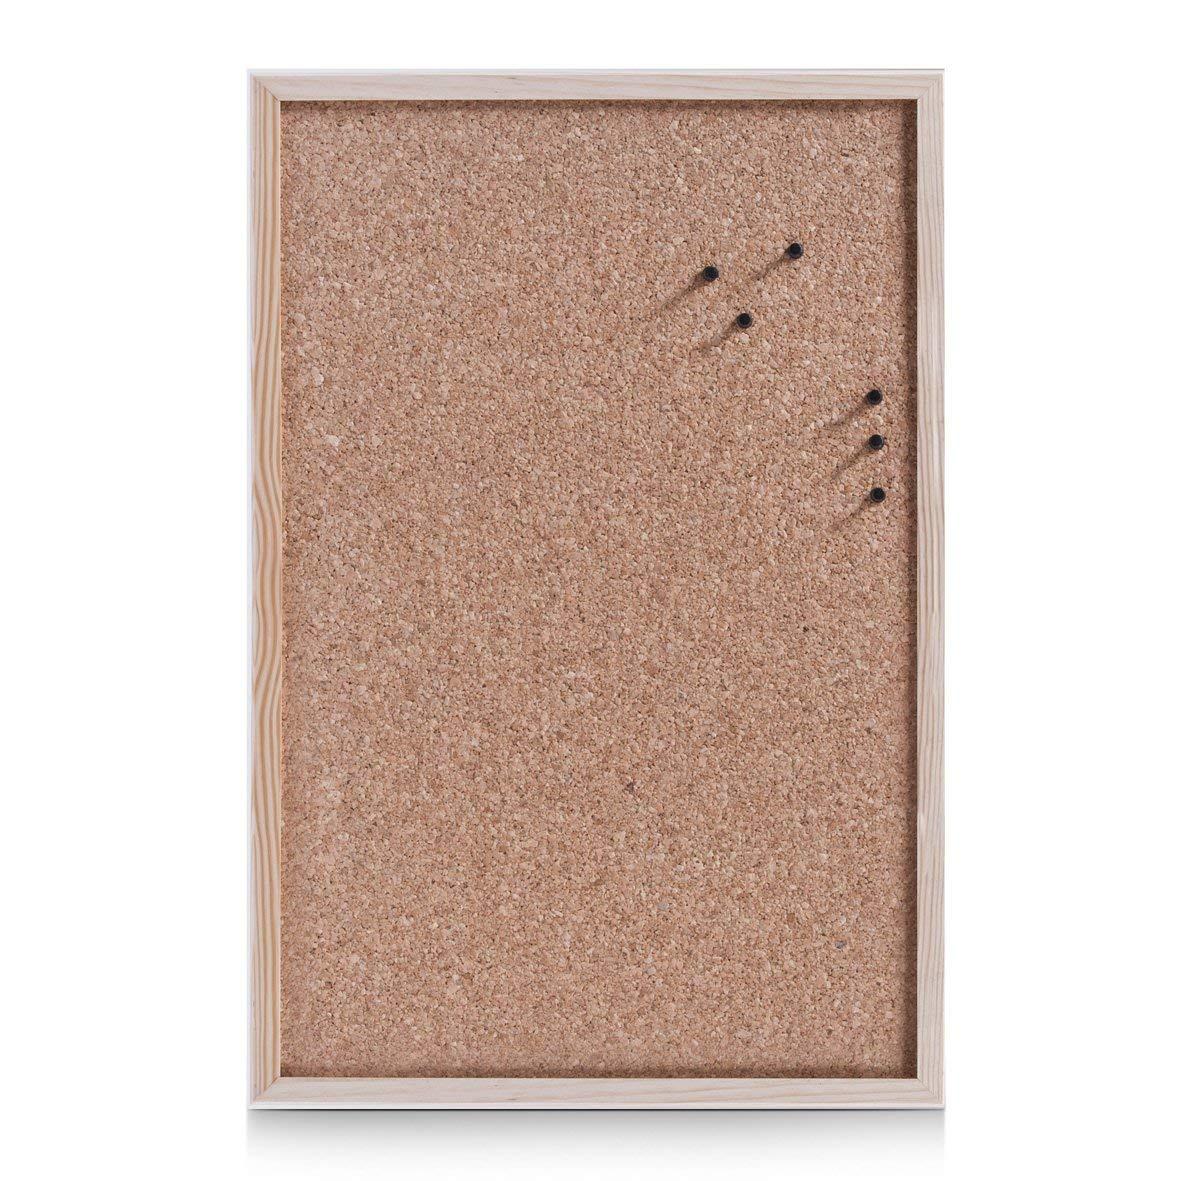 Zeller 11250 Pannello 60x40 cm colore Ecru